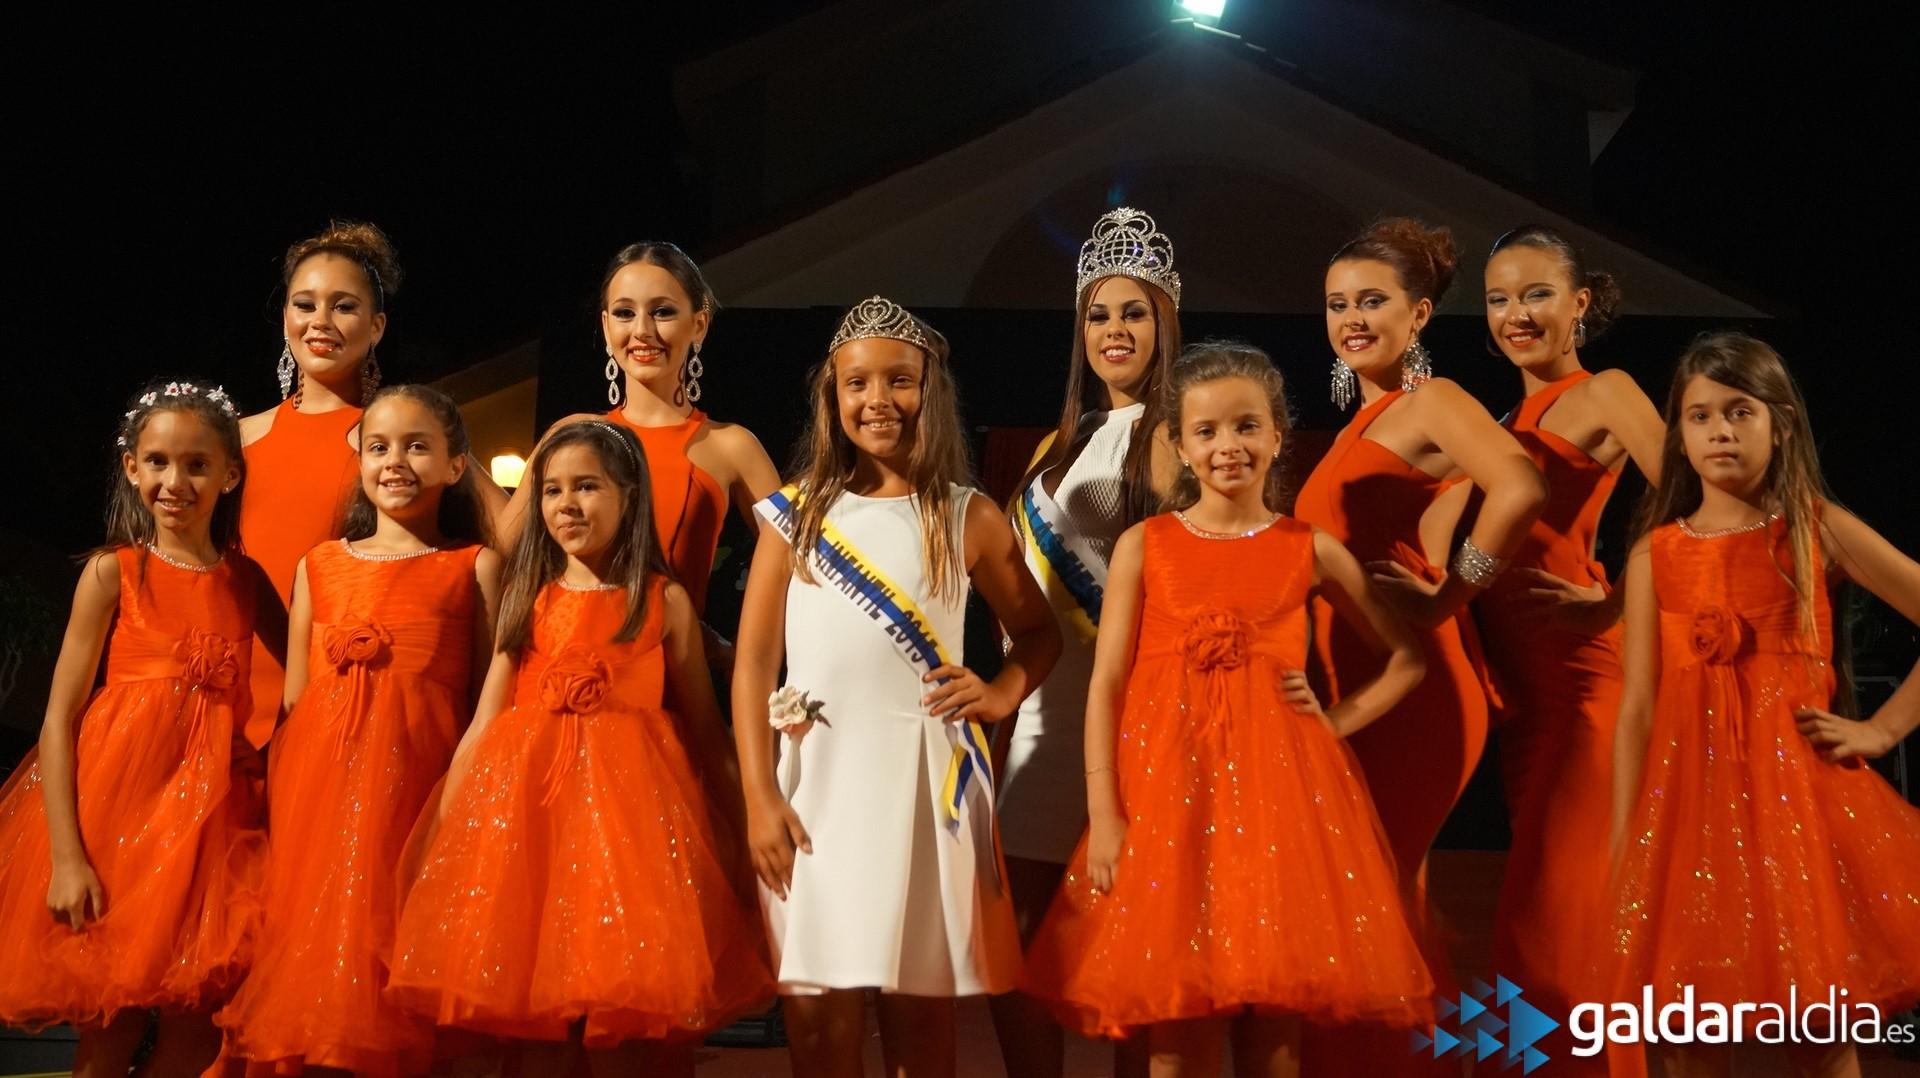 En la imagen, las reinas del pasado año (en traje blanco), acompañan a las reinas (ambas a sus manos derechas) y cortes de honor 2016.